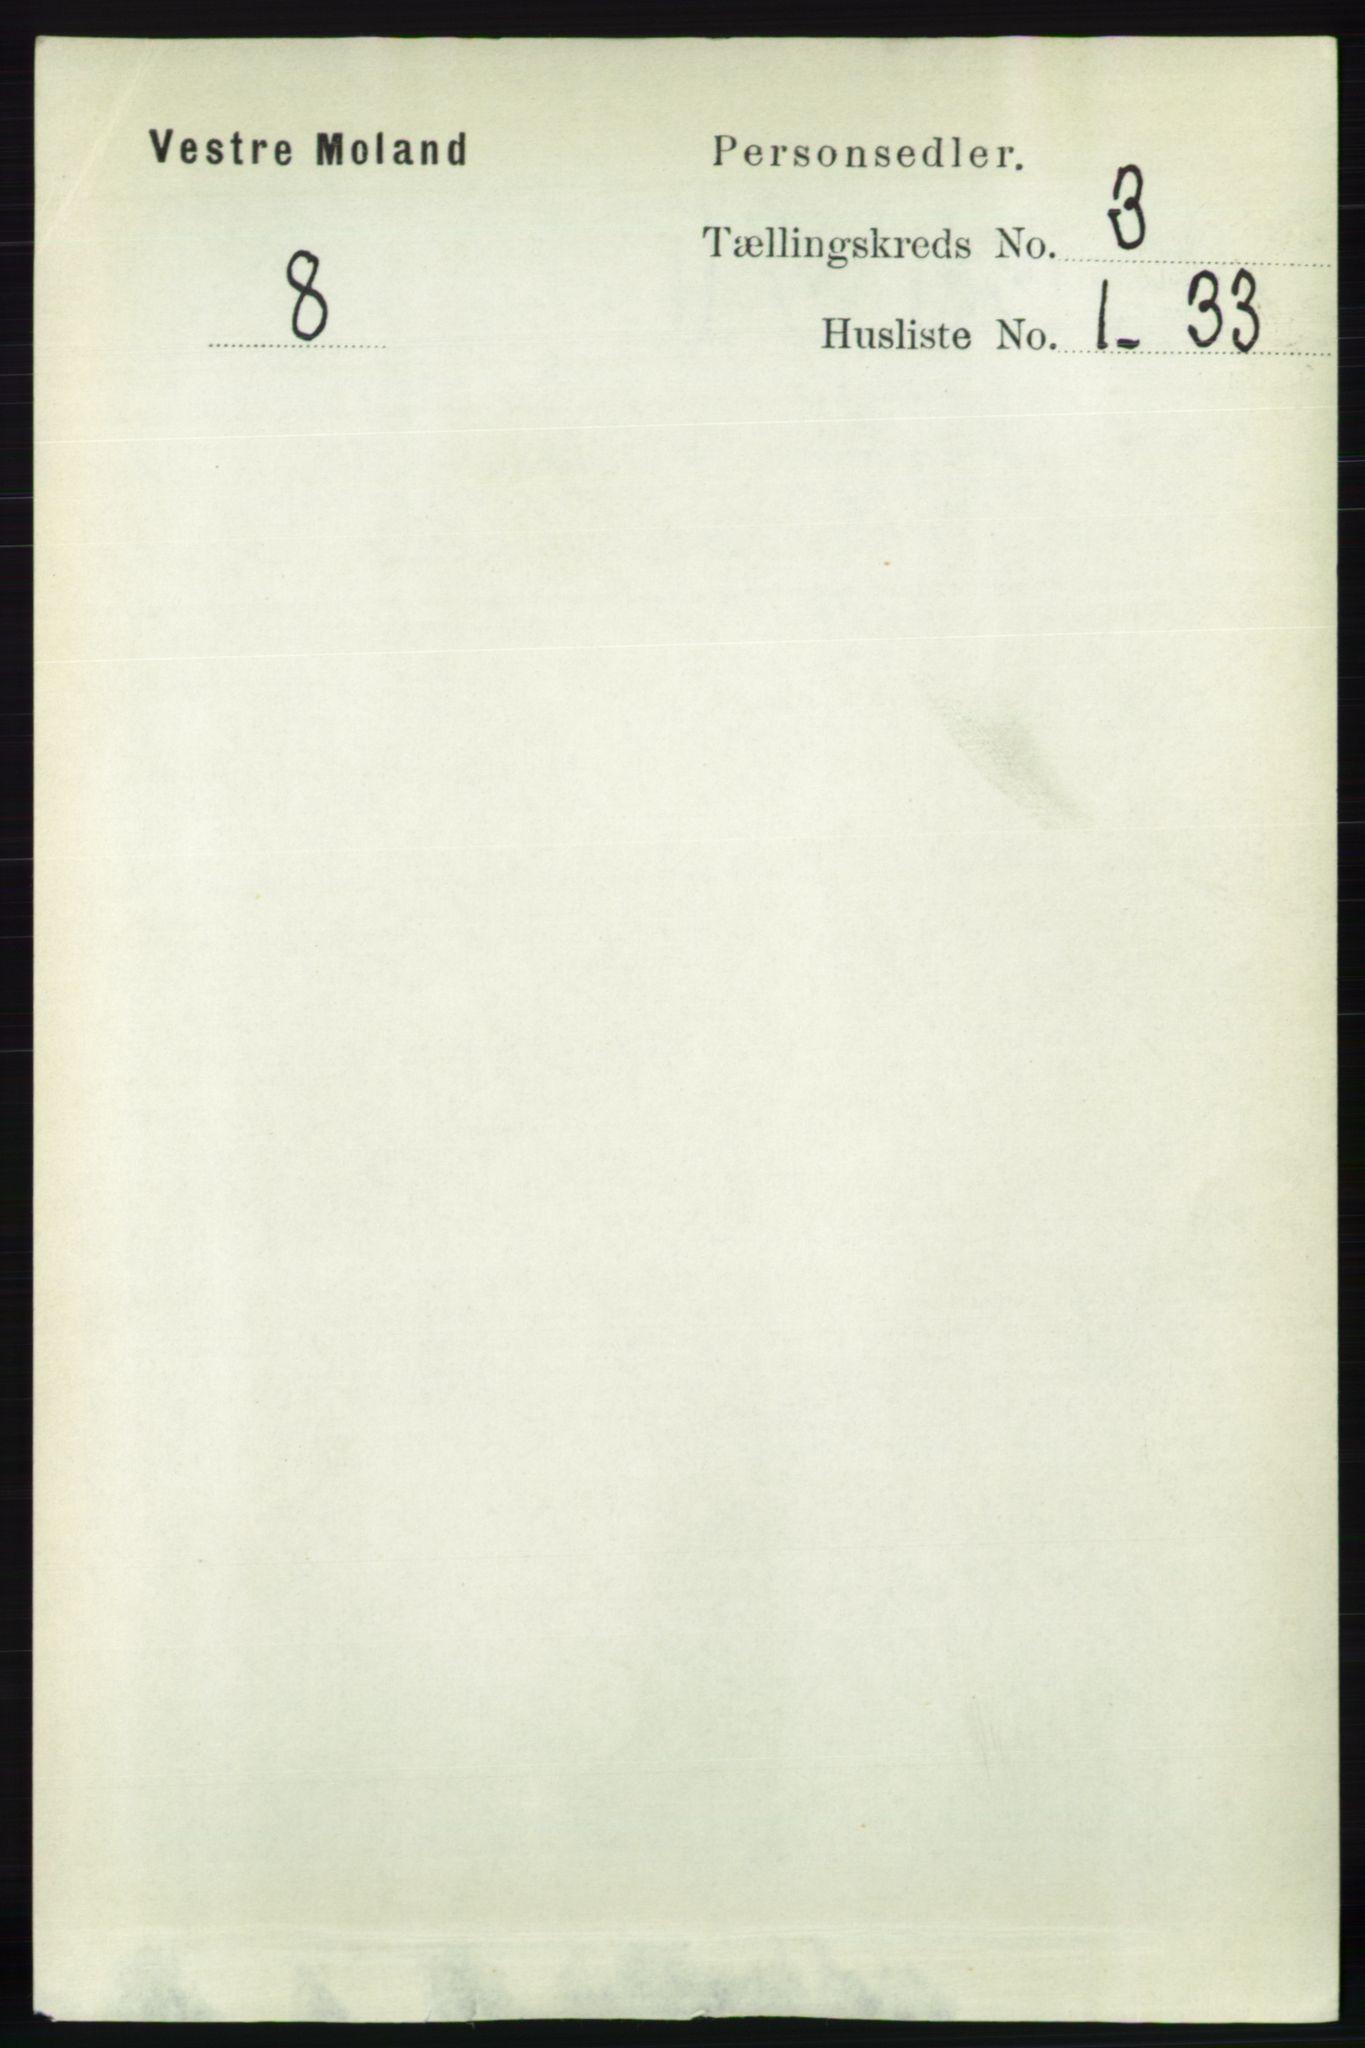 RA, Folketelling 1891 for 0926 Vestre Moland herred, 1891, s. 956